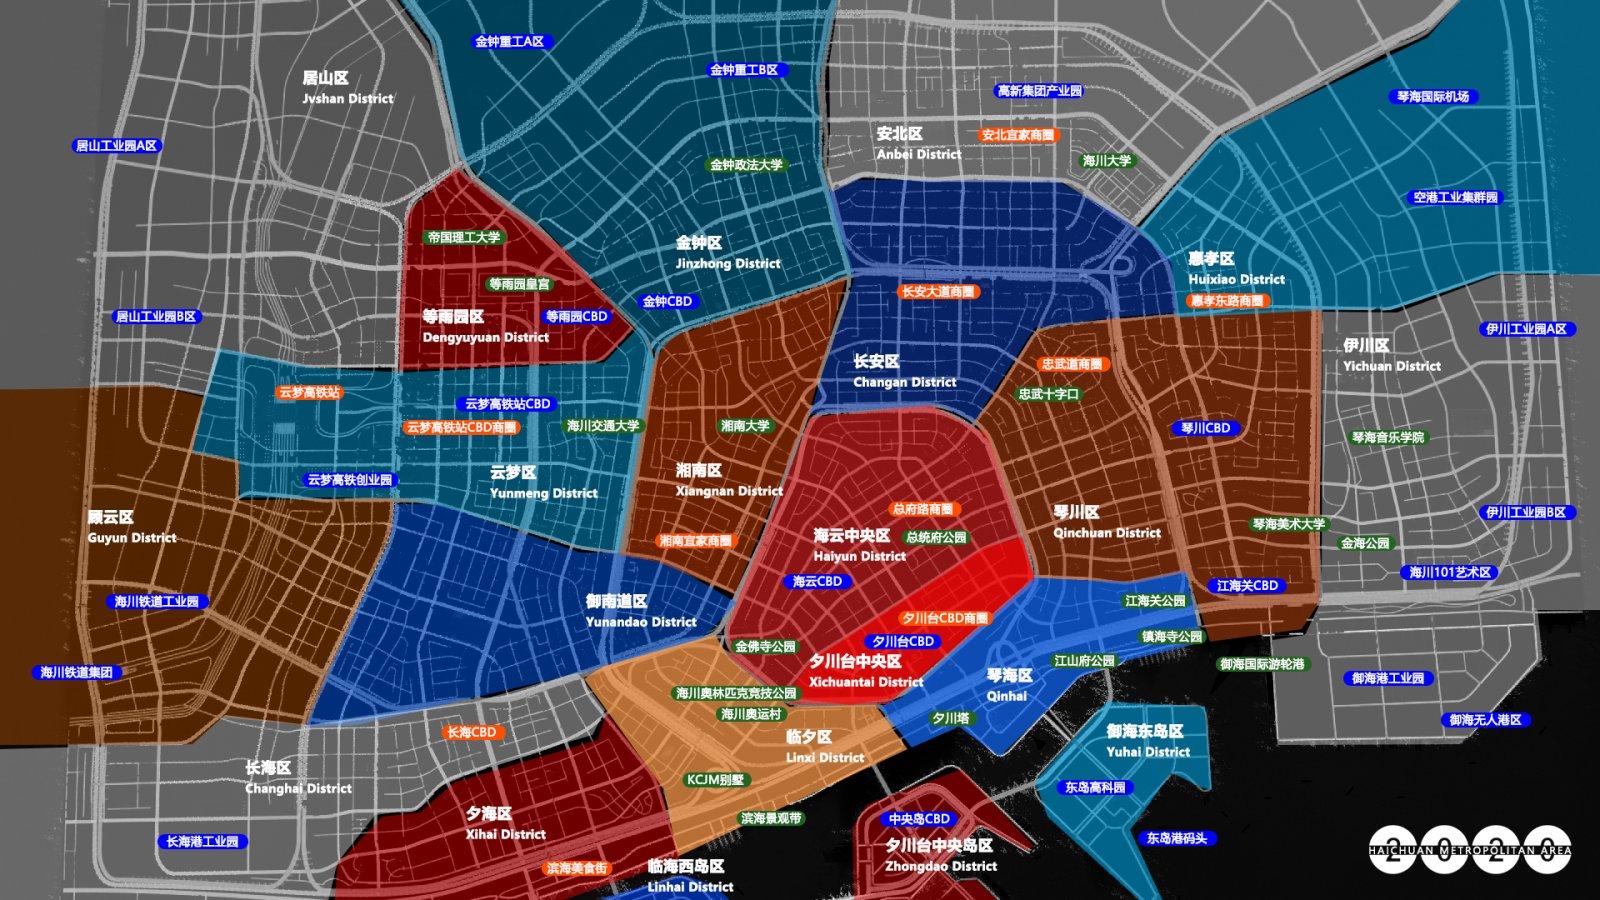 HAICHUAN 地图.jpg